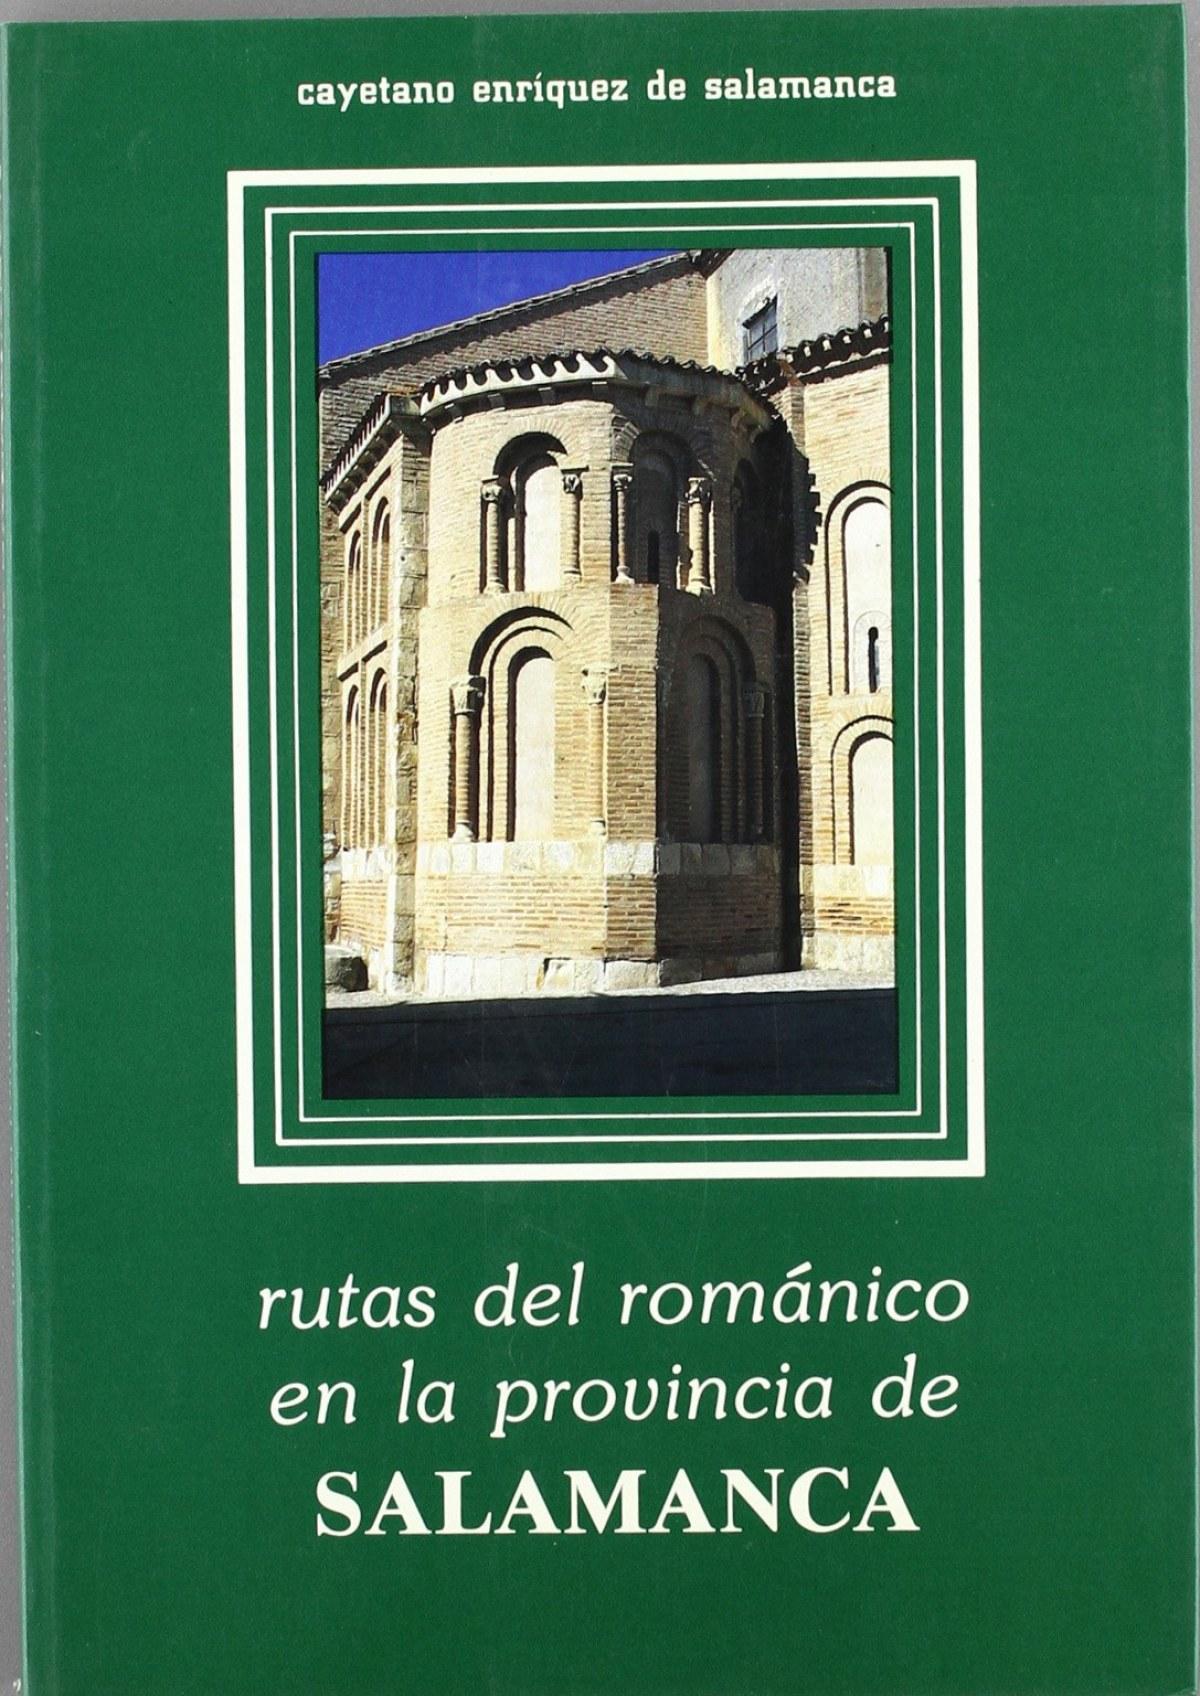 Rutas del románico en la provincia de salamanca 9788440446152